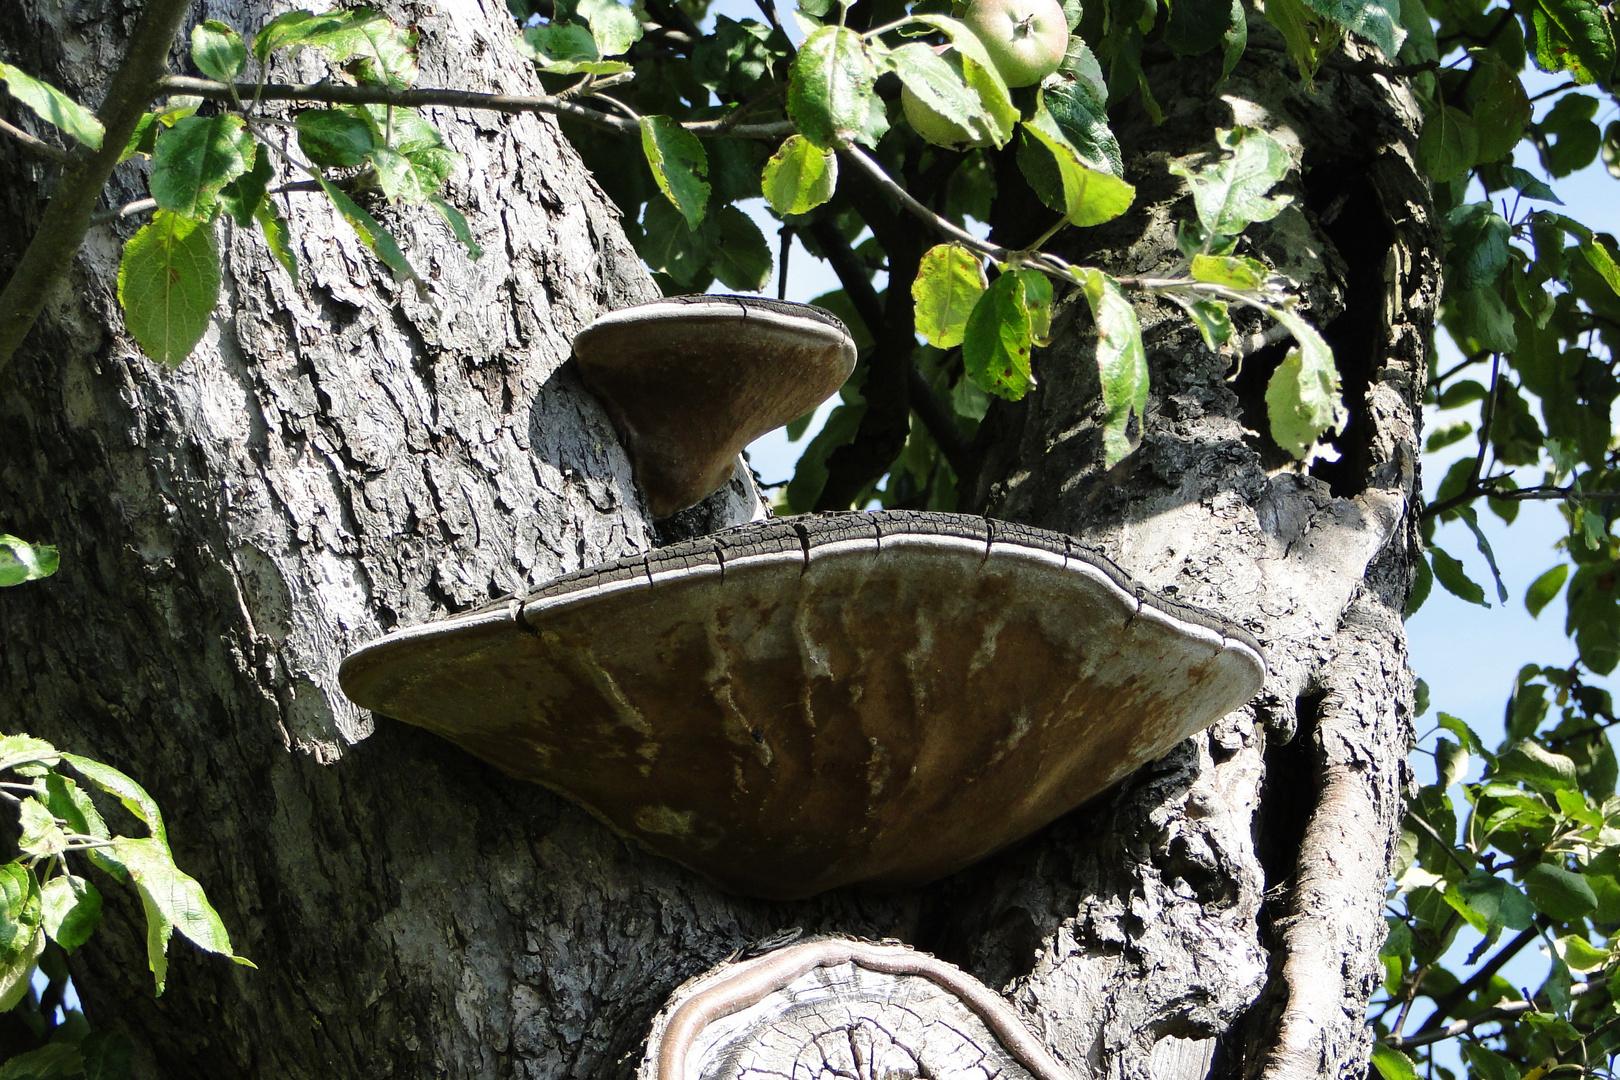 Gast am Baum